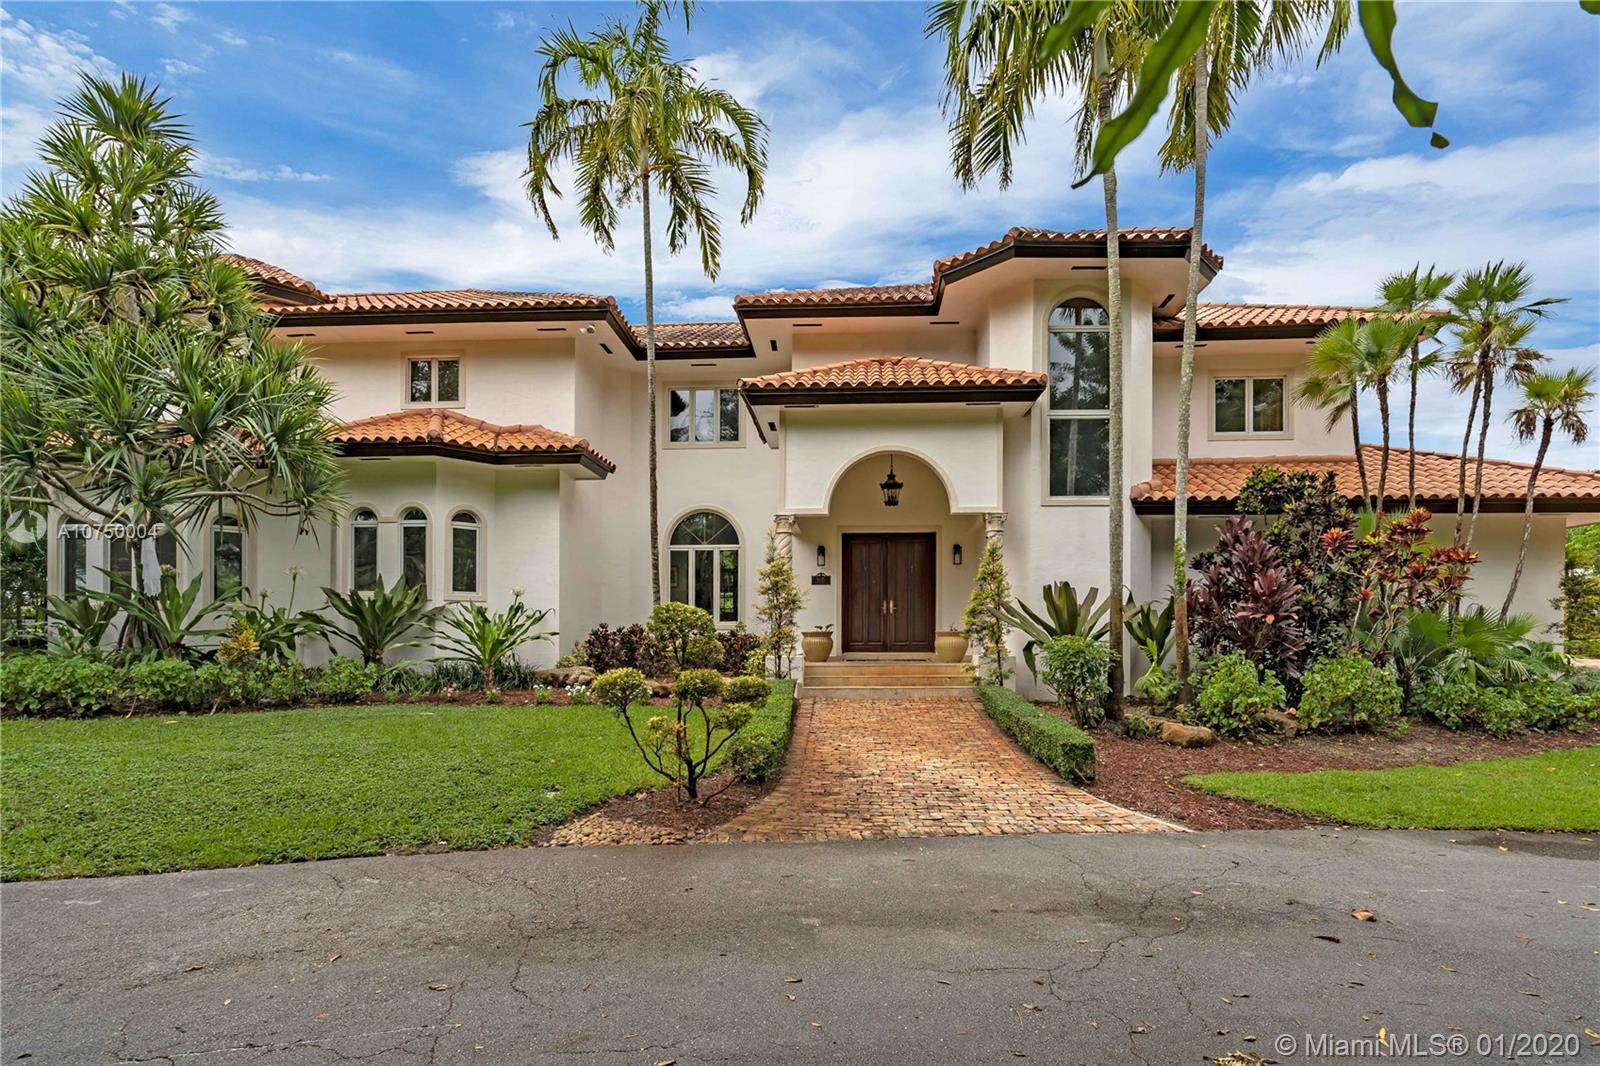 9425 SW 114, Miami, FL 33176